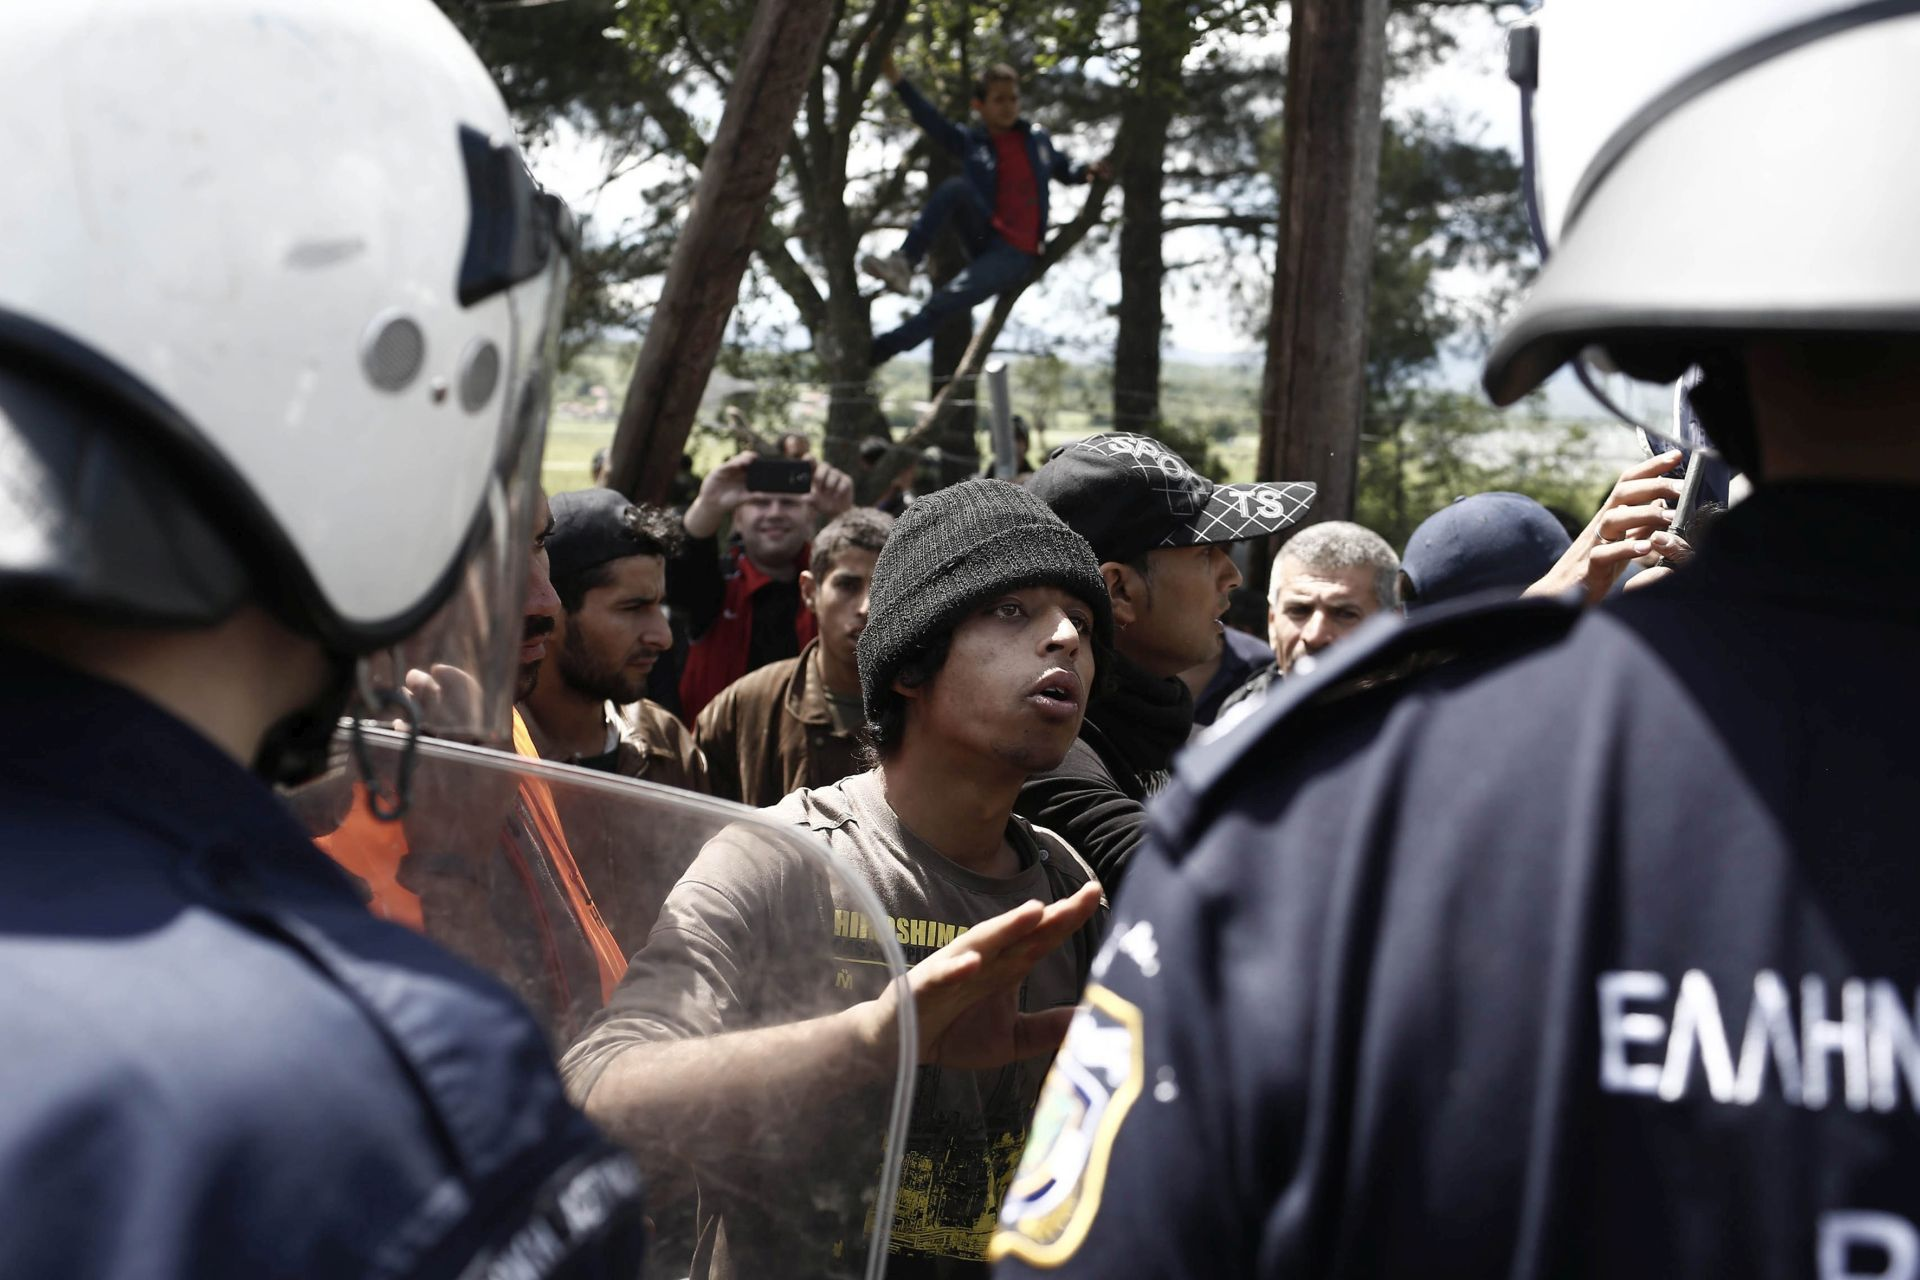 STANJE NA GRANICI: Vijeće Europe zabrinuto ponašanjem policajaca u Makedoniji